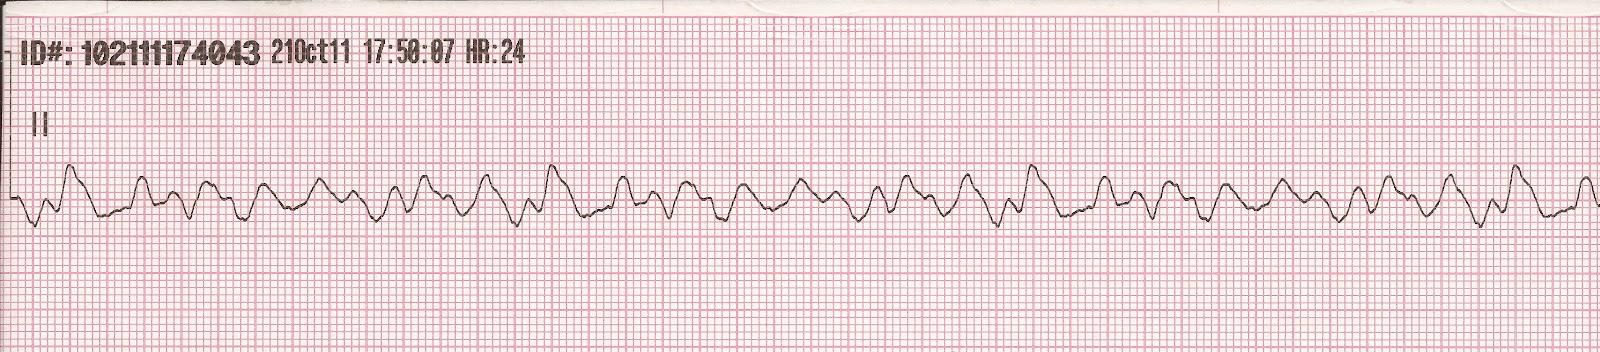 Coarse ventricular fibrillation